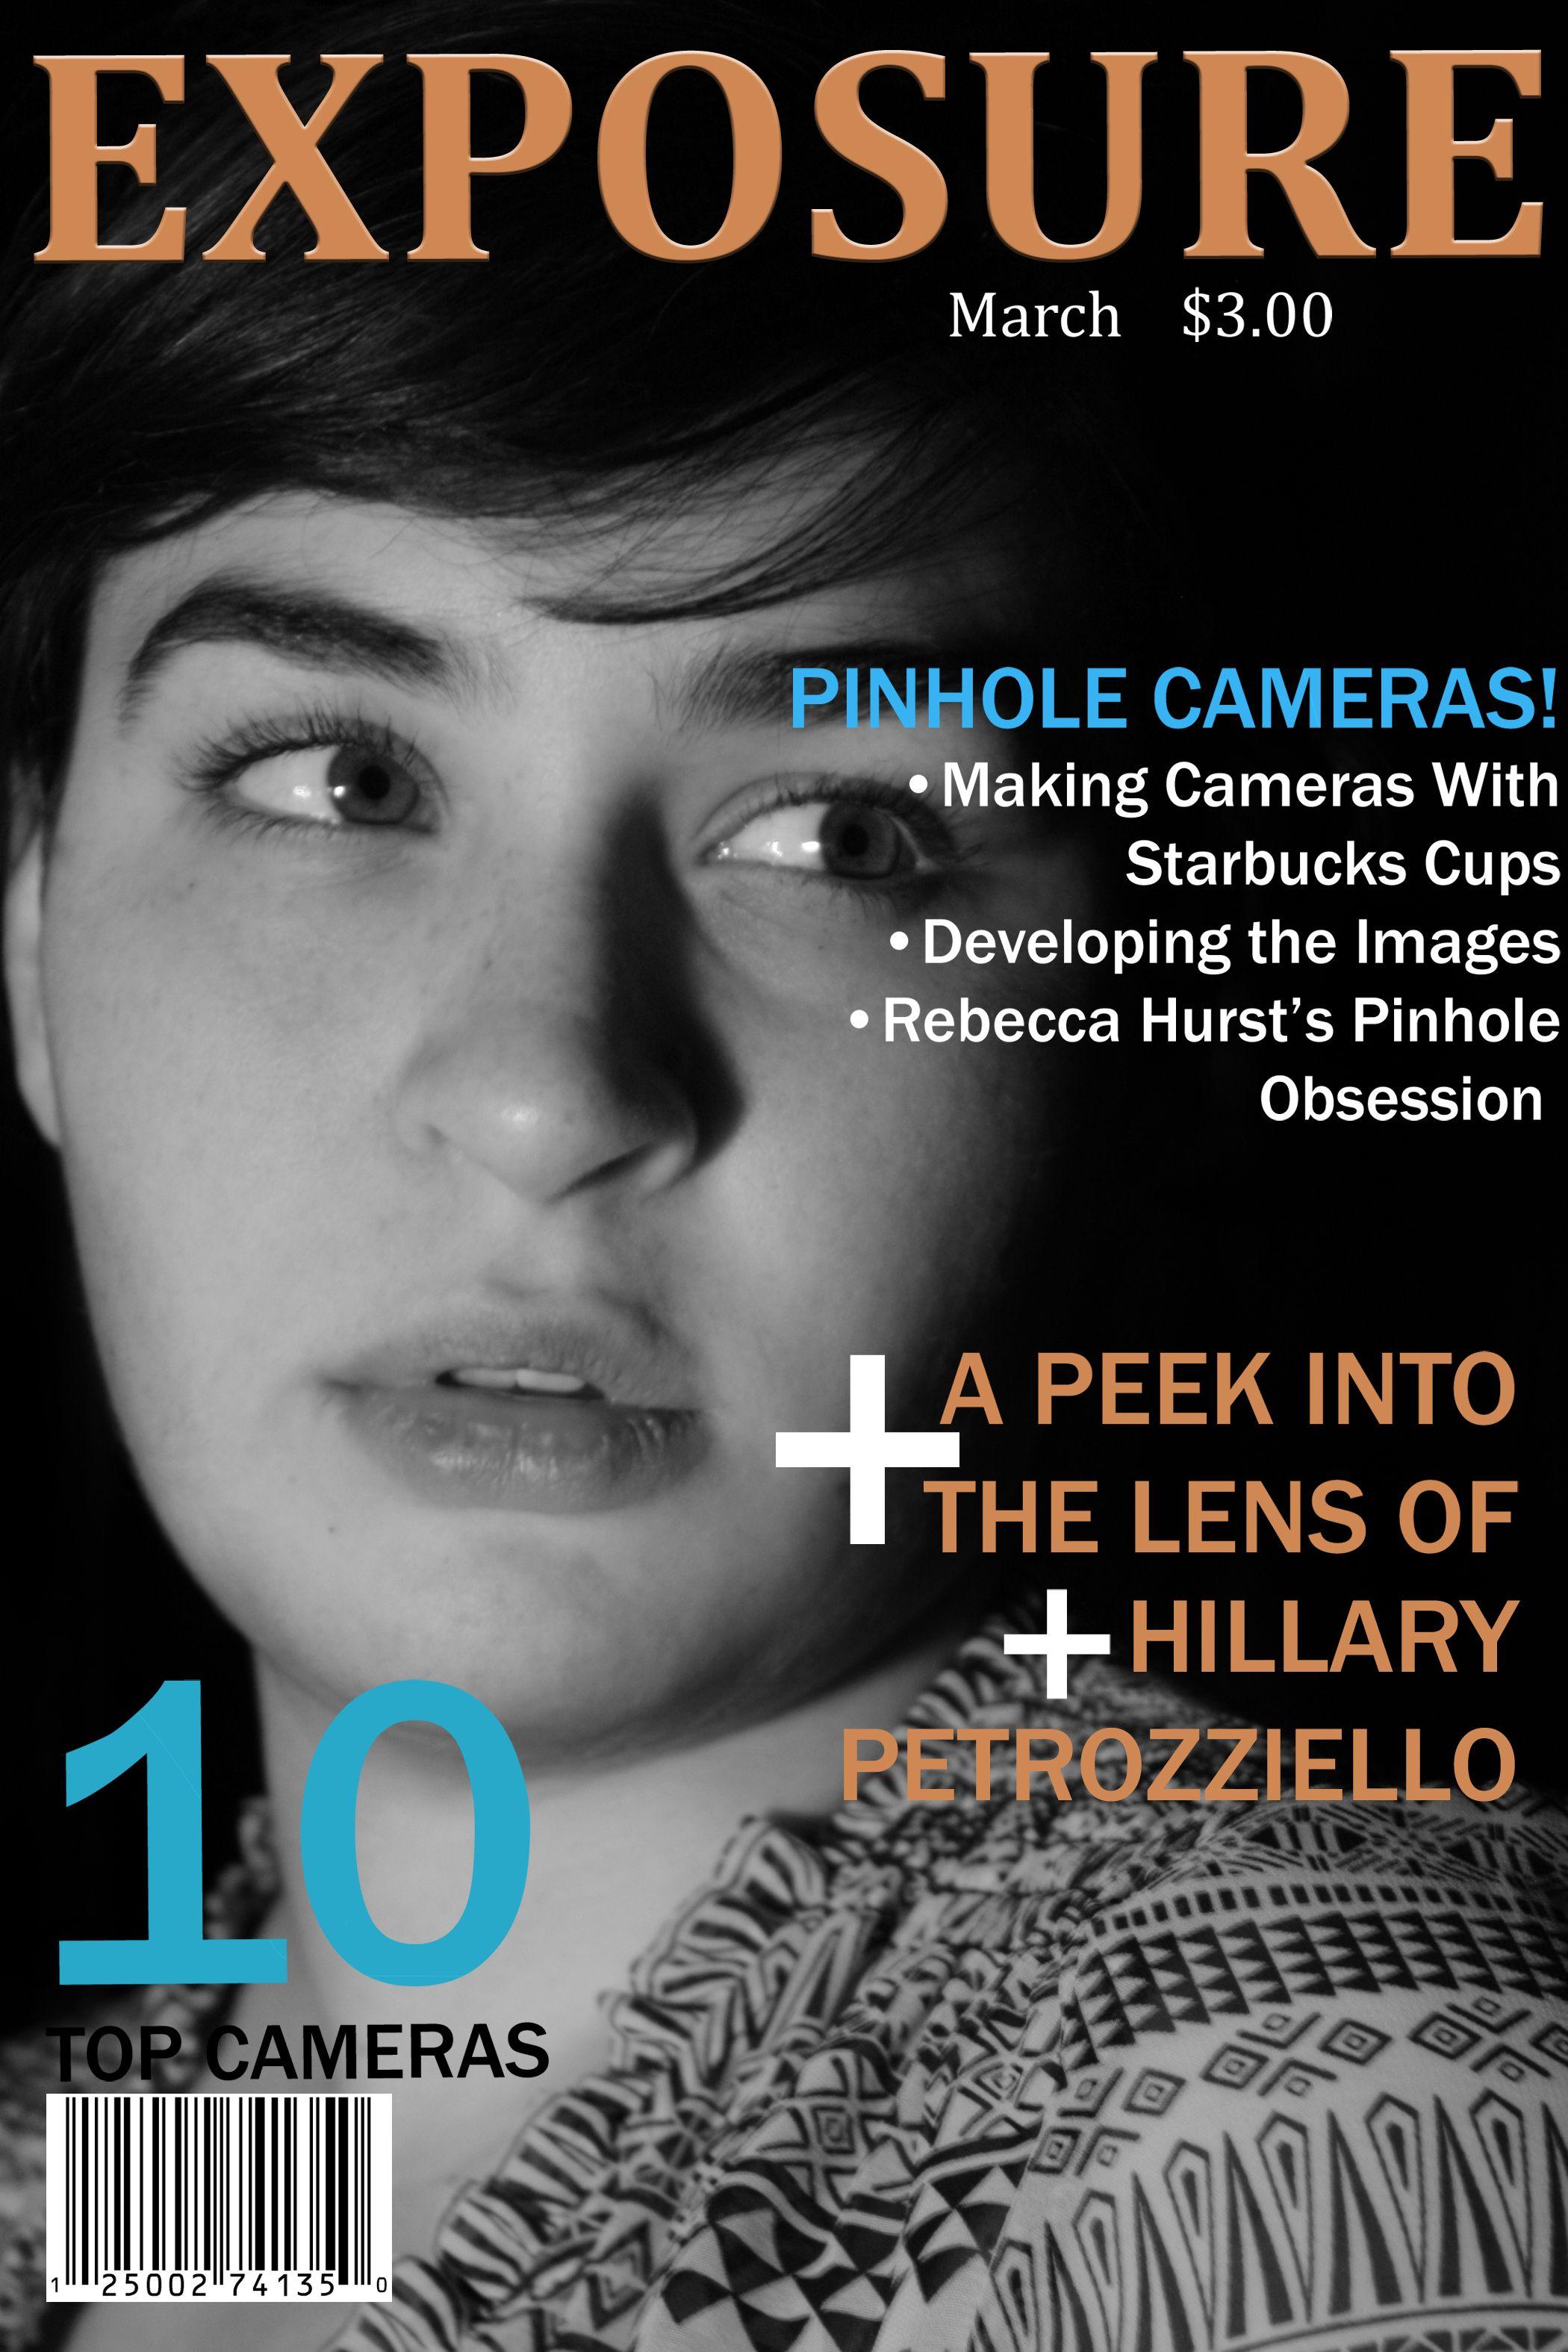 1000+ images about Logo Inspiration on Pinterest | Logos, Magazine ...